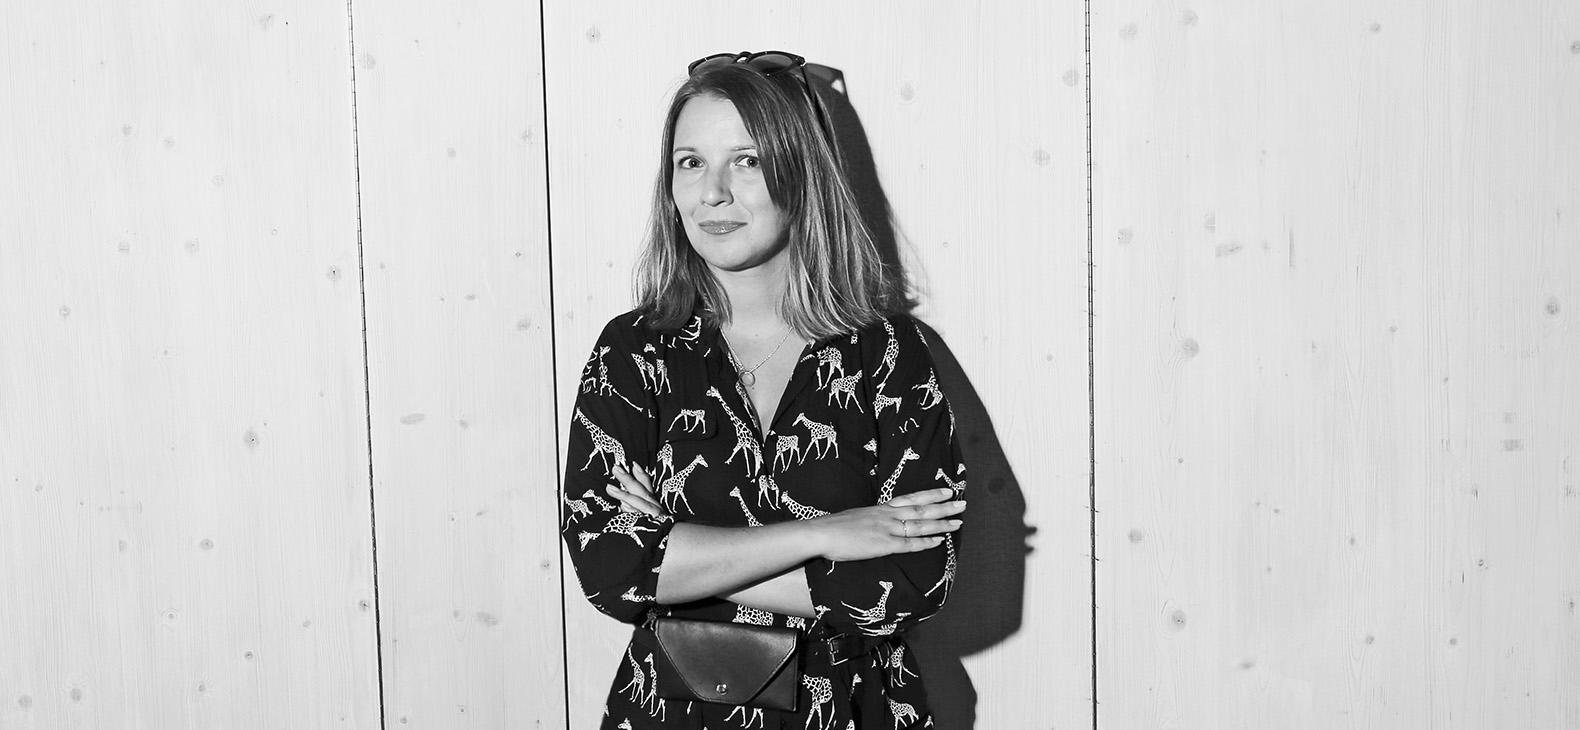 Portrait der Künstlerin Andrea Juneková, Stipendiatin aus Bratislava im Schafhof in Freising im Rahmen des Europäischen Kunststipendiums des Bezirks Oberbayern 2021